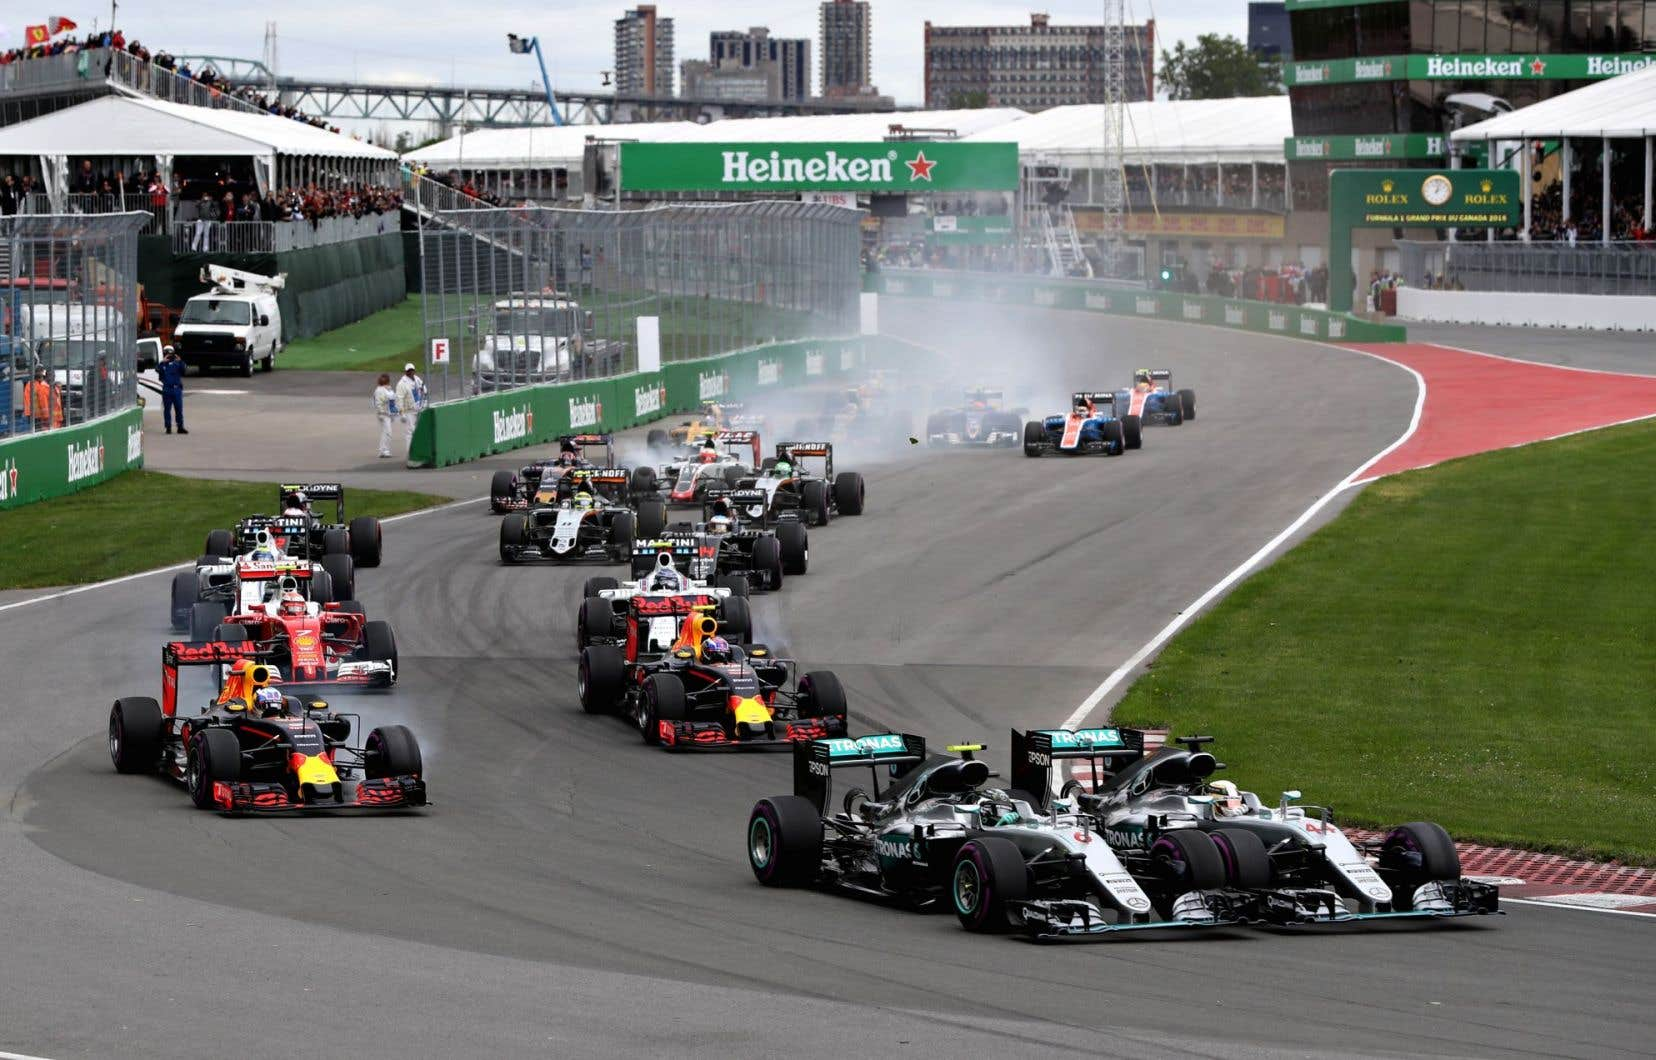 Le calendrier, approuvé lors d'une réunion à Vienne, prévoit l'exclusion du Grand Prix d'Allemagne.